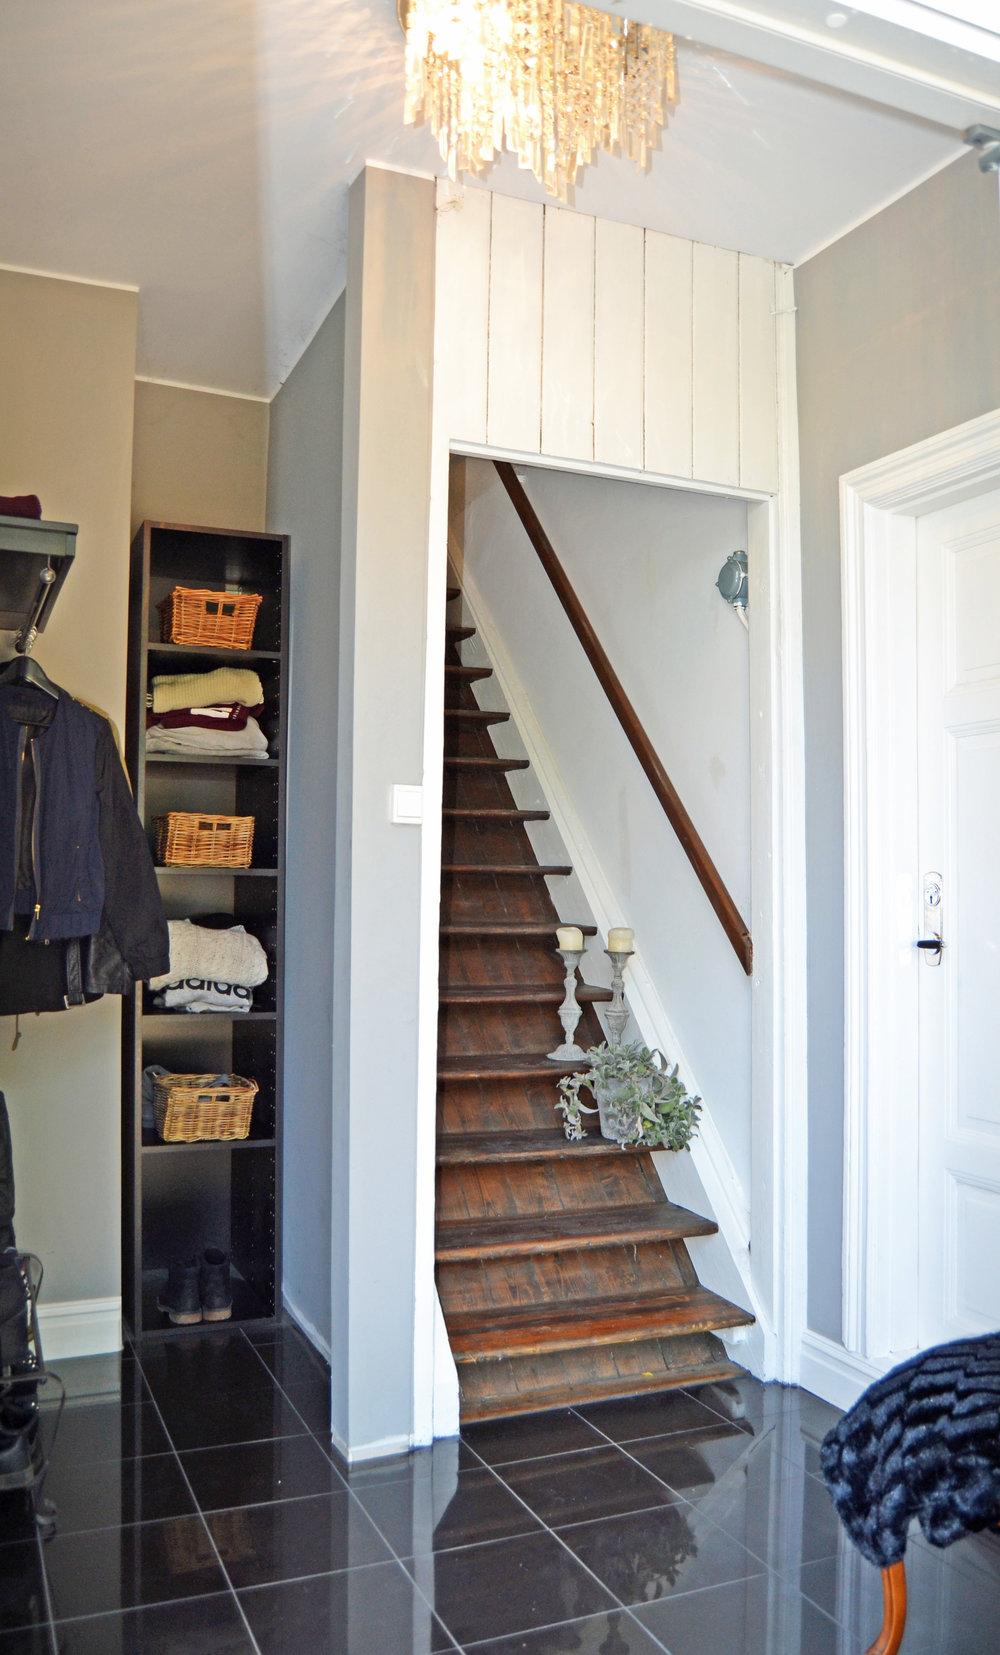 Louise dörr till höger, ingång till kök till vänster...